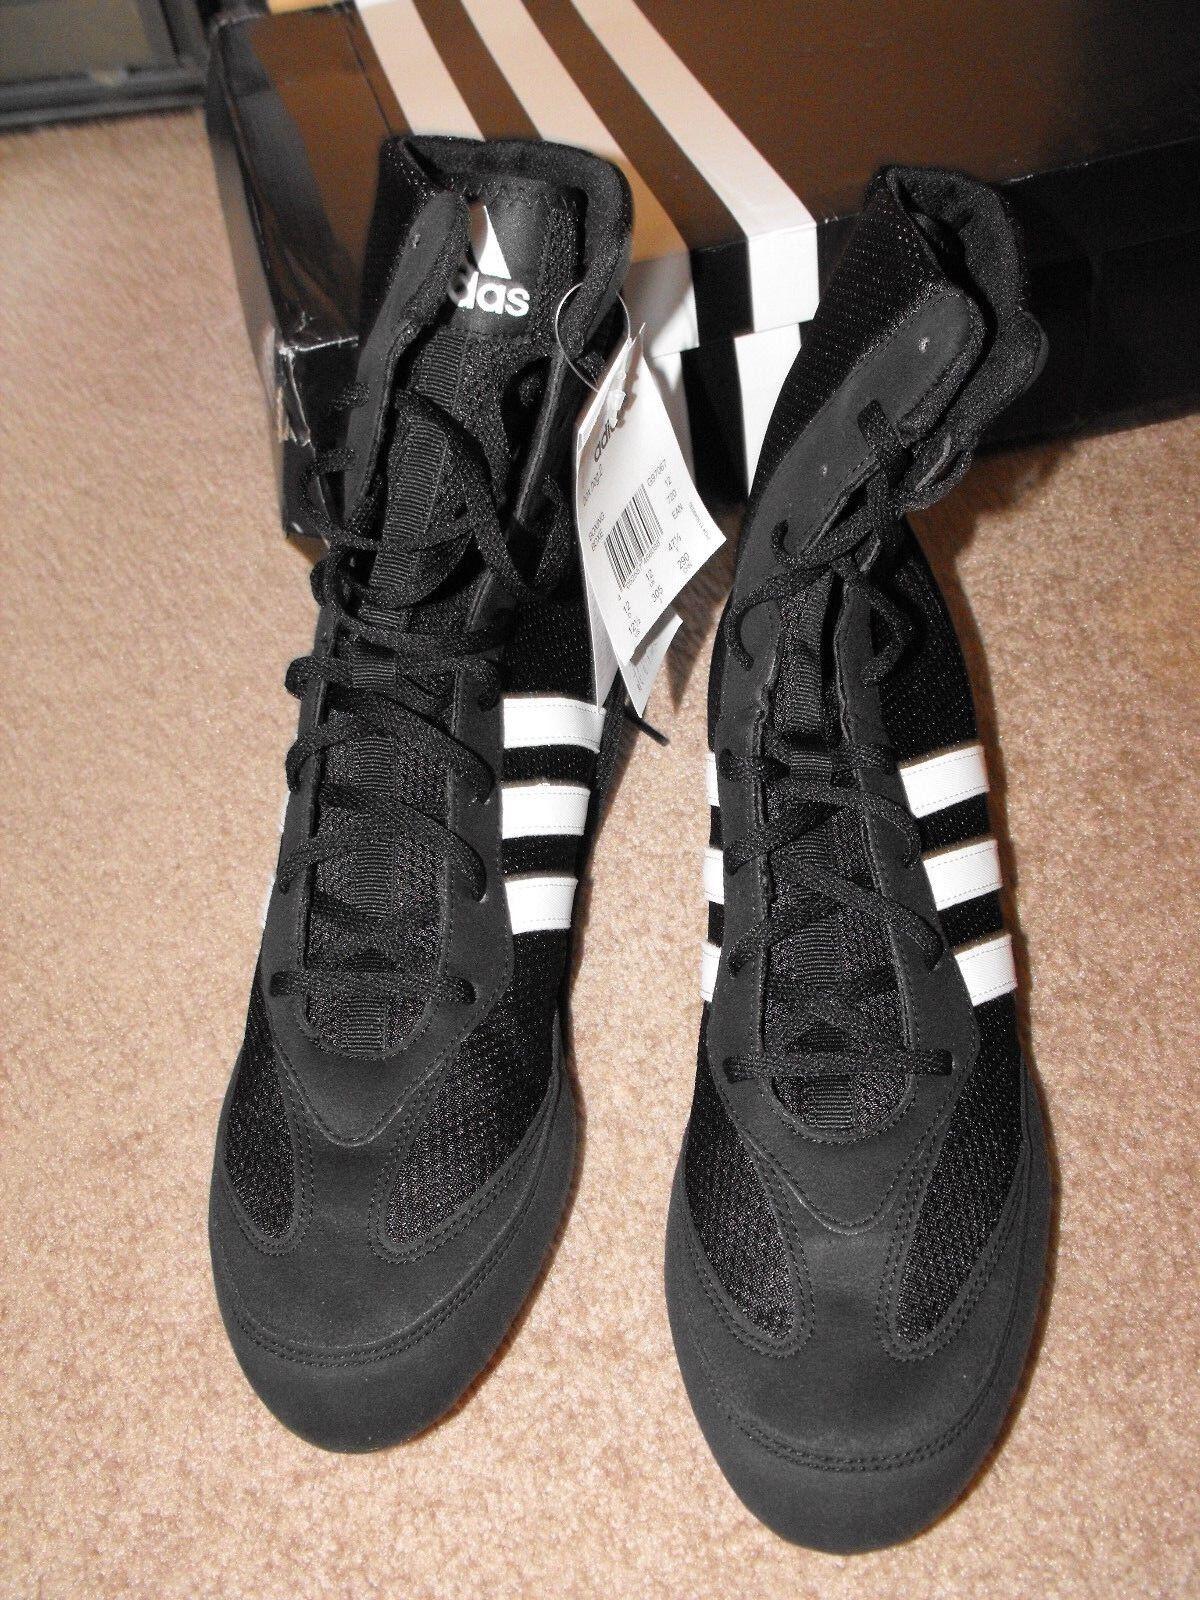 ! Raro! nuevo En Boxing Caja Adidas Boxing En Lucha Libre Negro Zapatos Talla EE. UU. 12 Reino Unido 11 585a3a